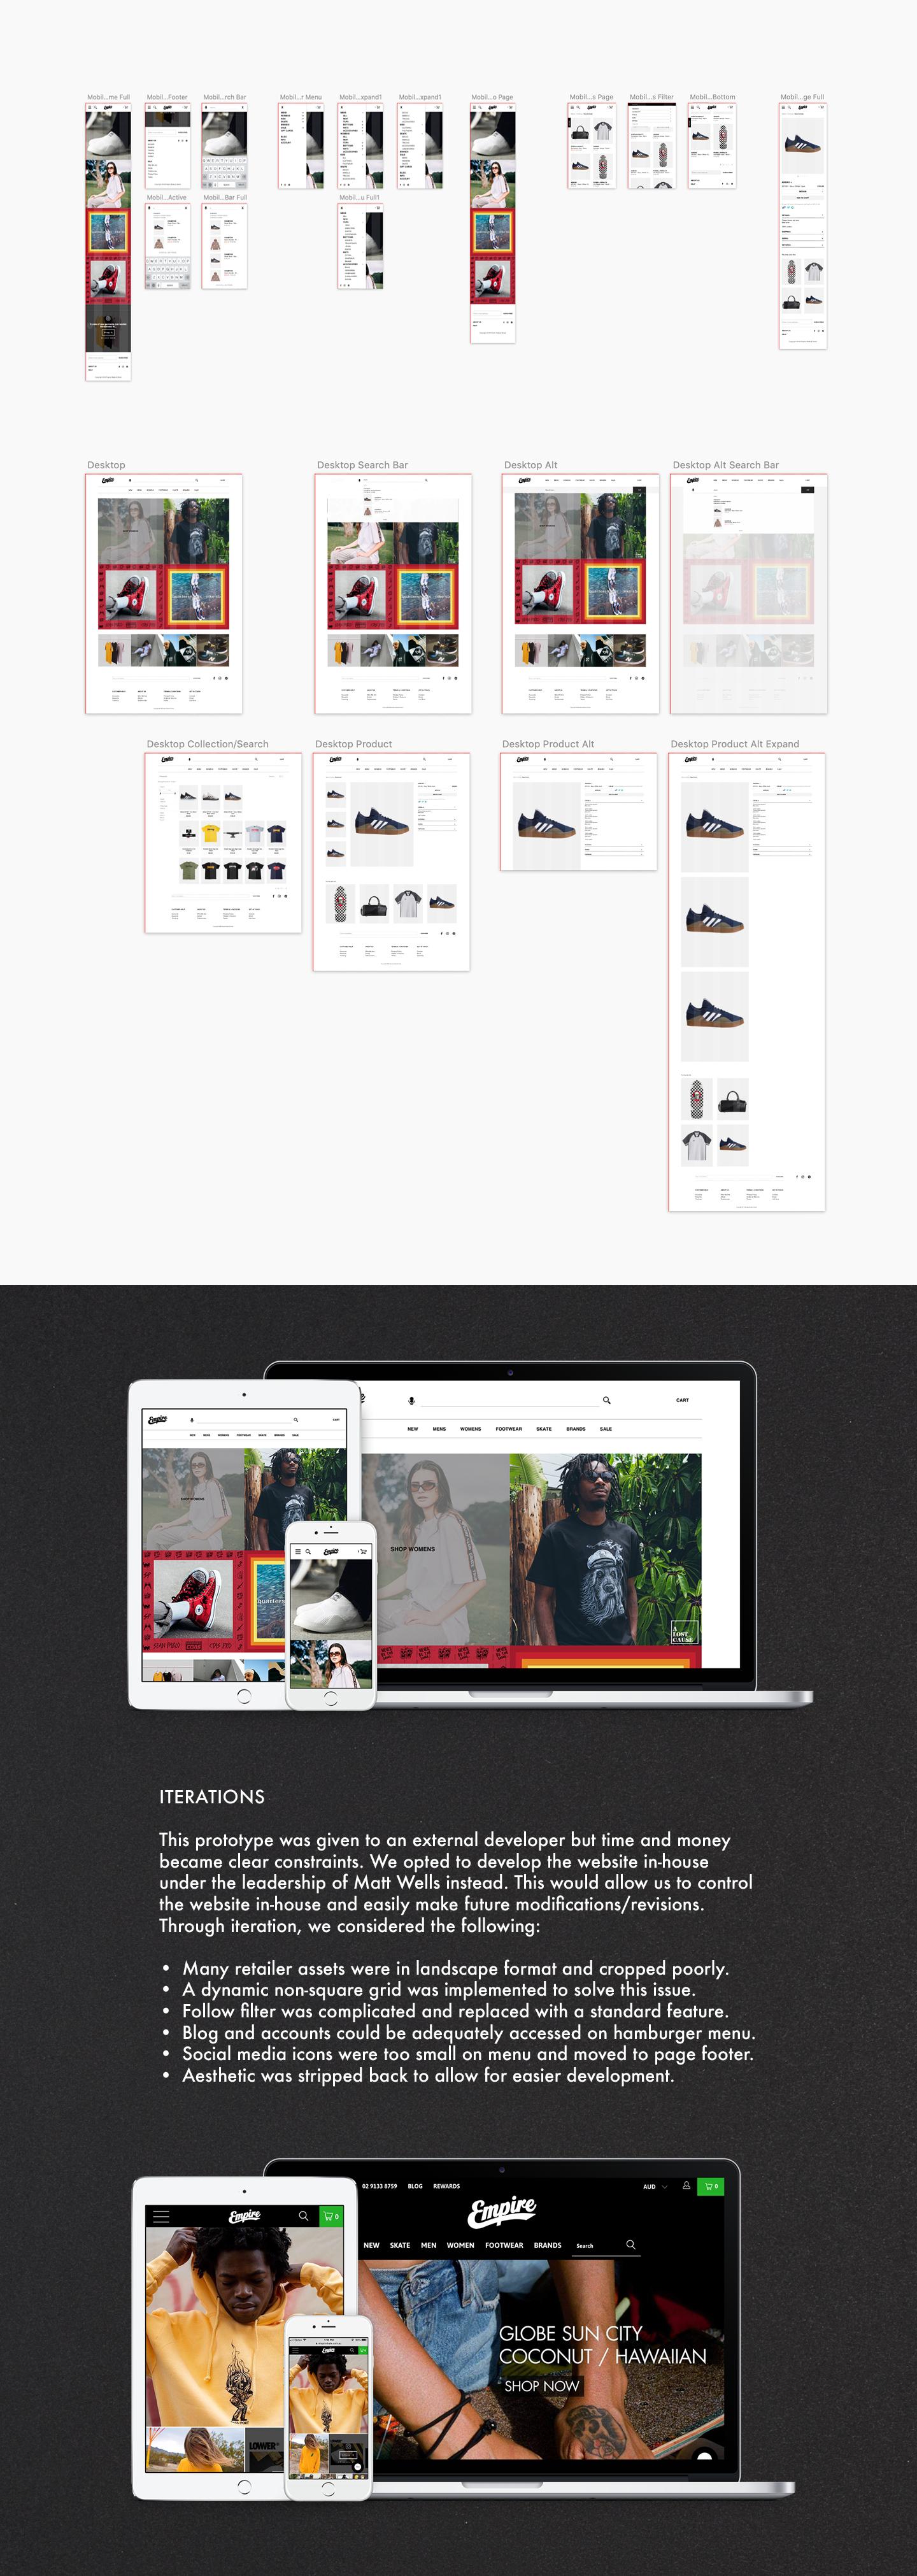 screens emp4.jpg